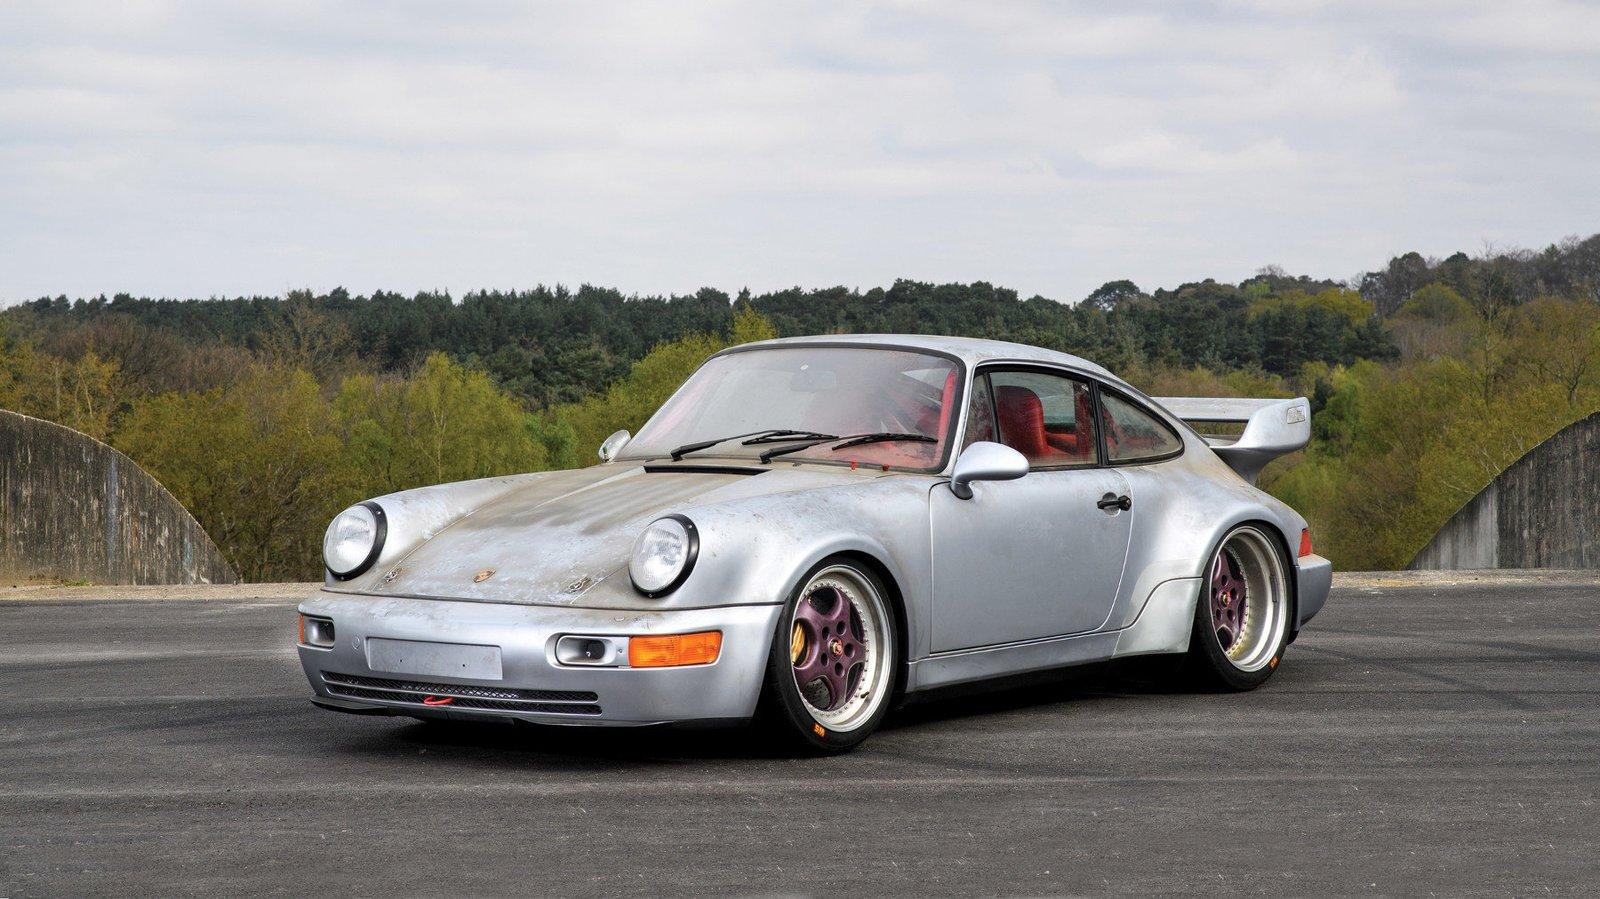 Специалисты назвали самые надёжные автомобили изГермании старше 10 лет